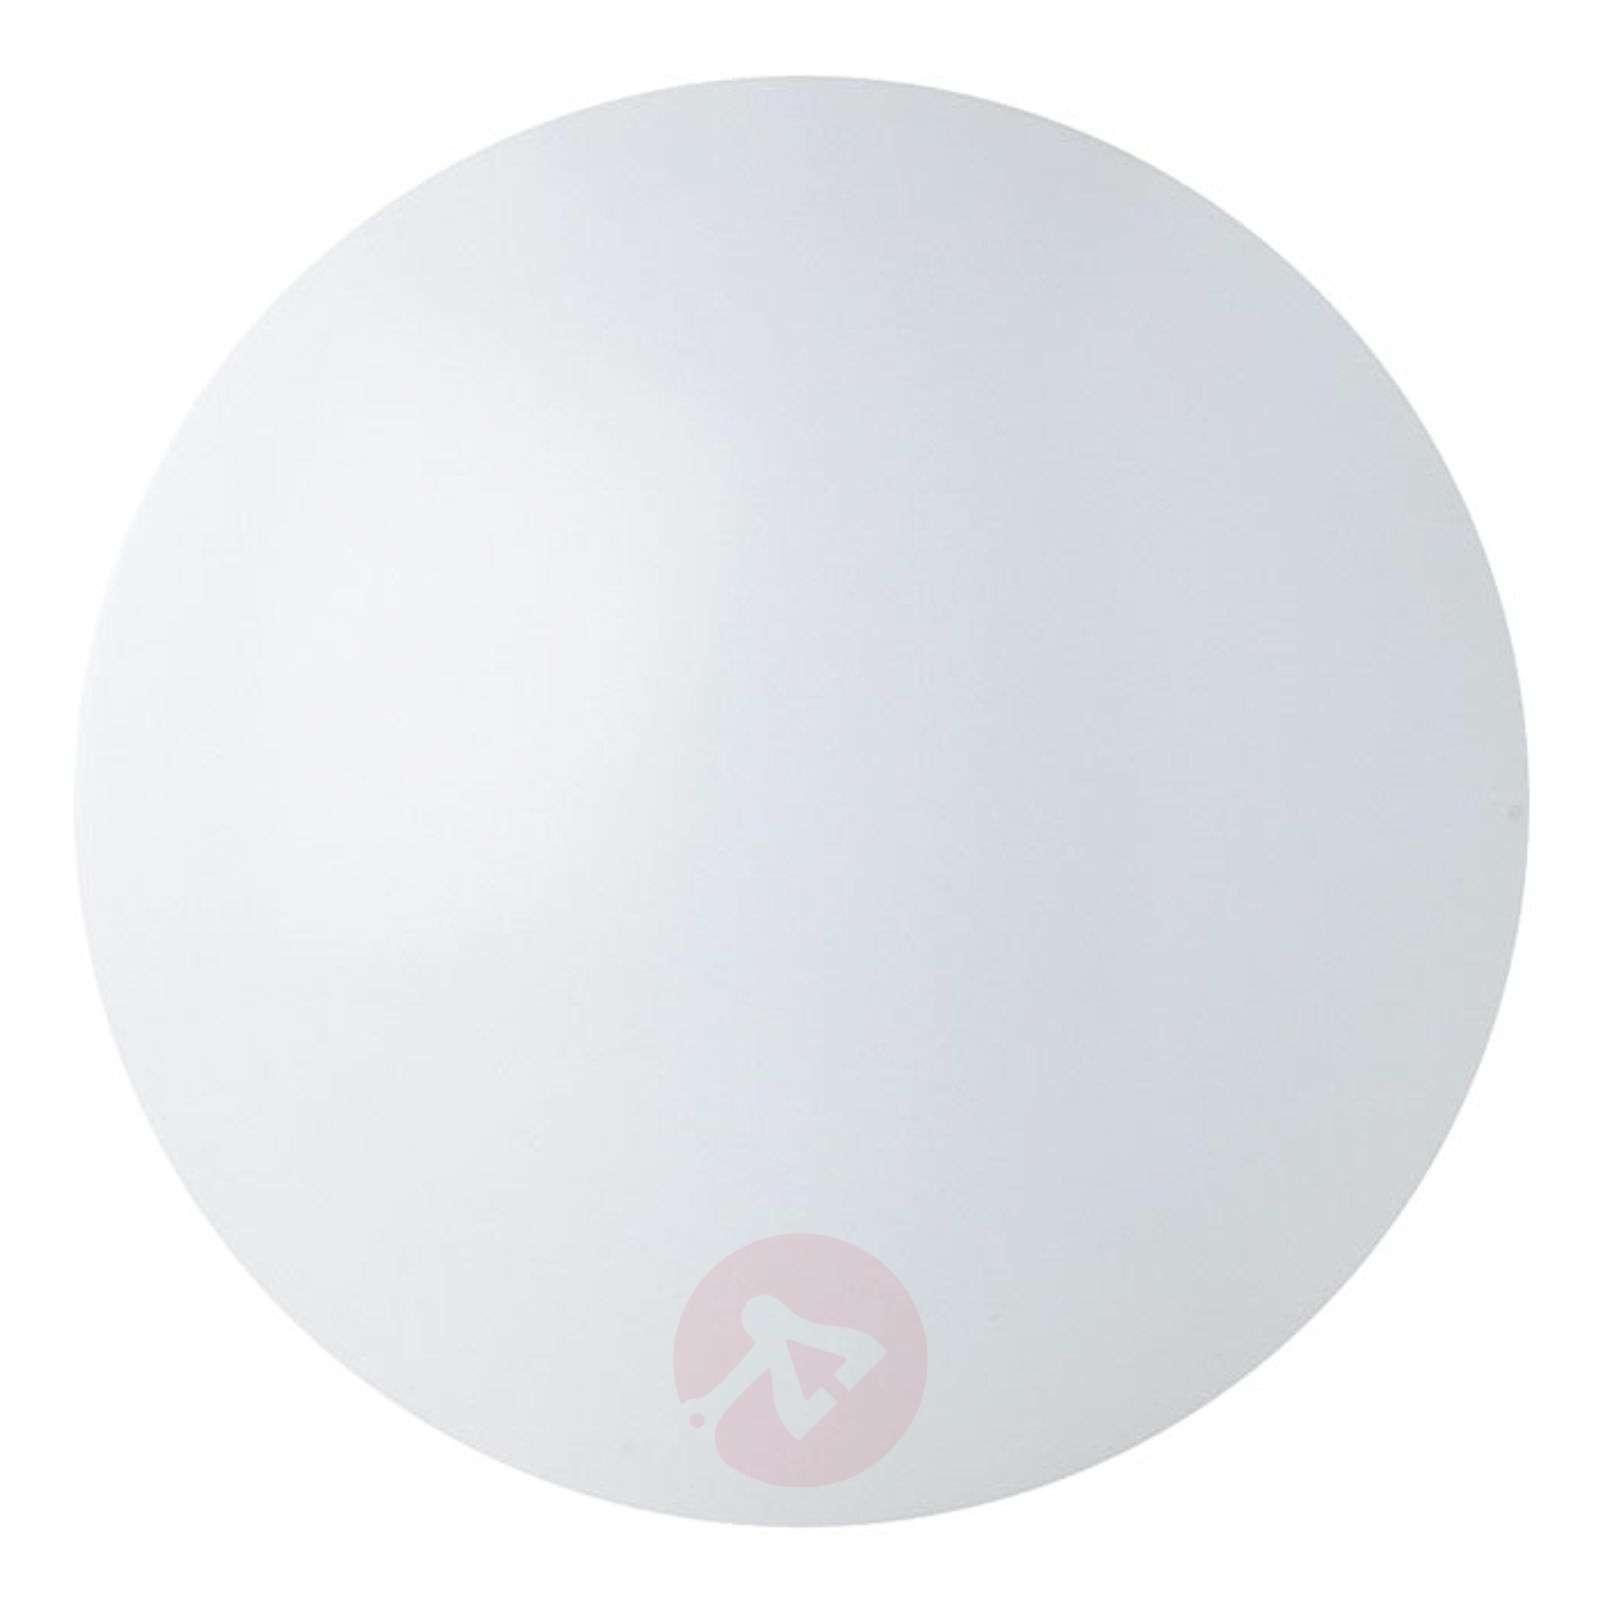 Renzo round LED ceiling light IP44-6530233X-01